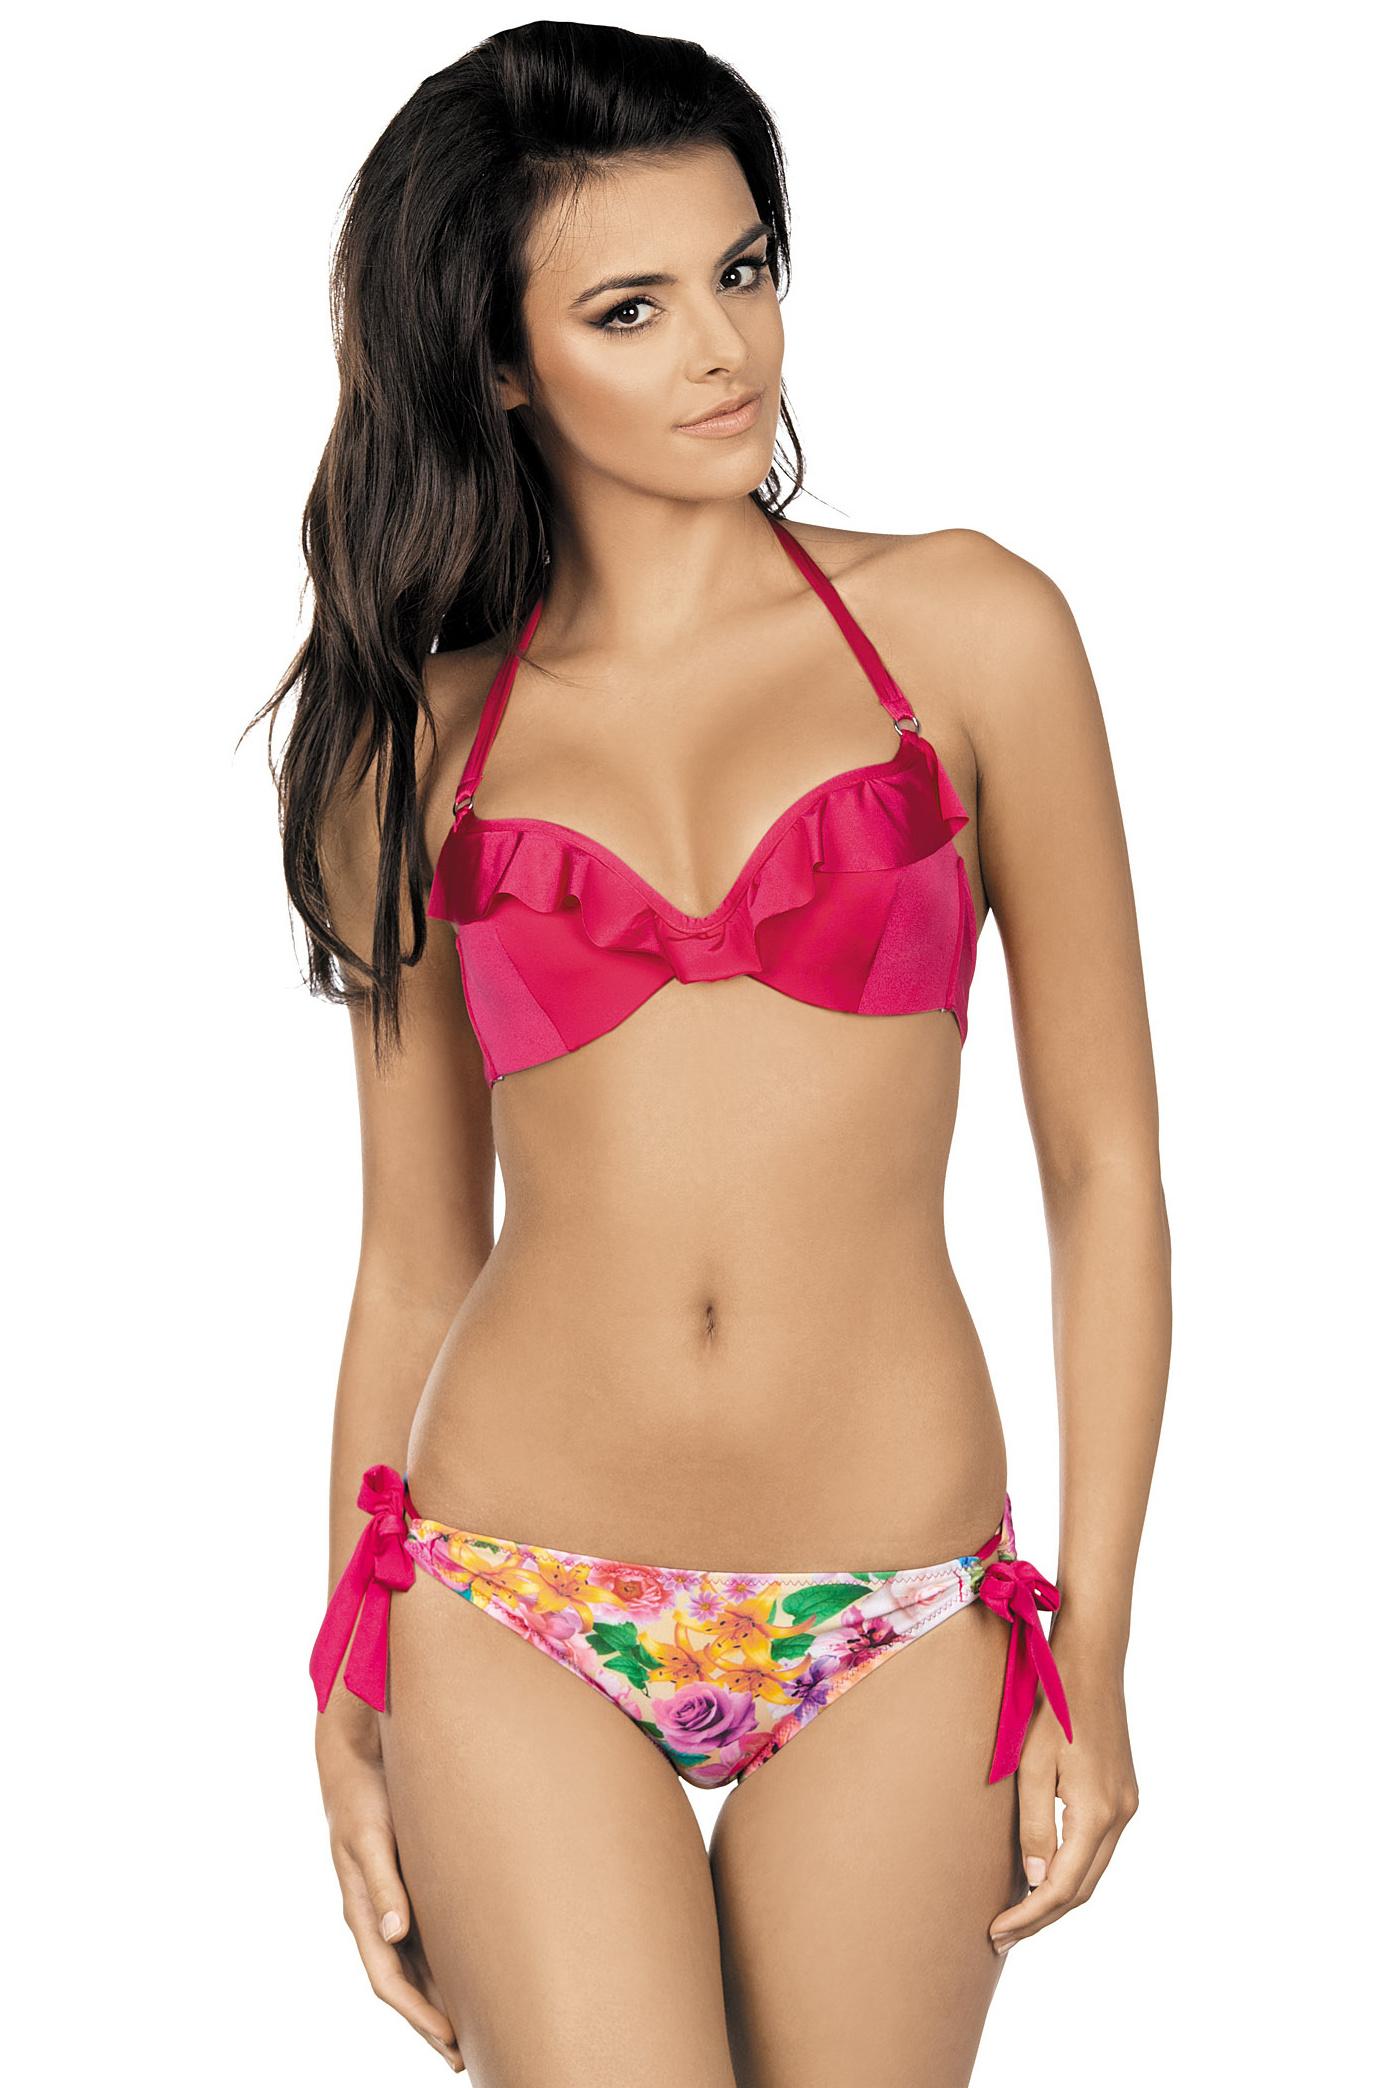 Dámské plavky Eila push up růžové